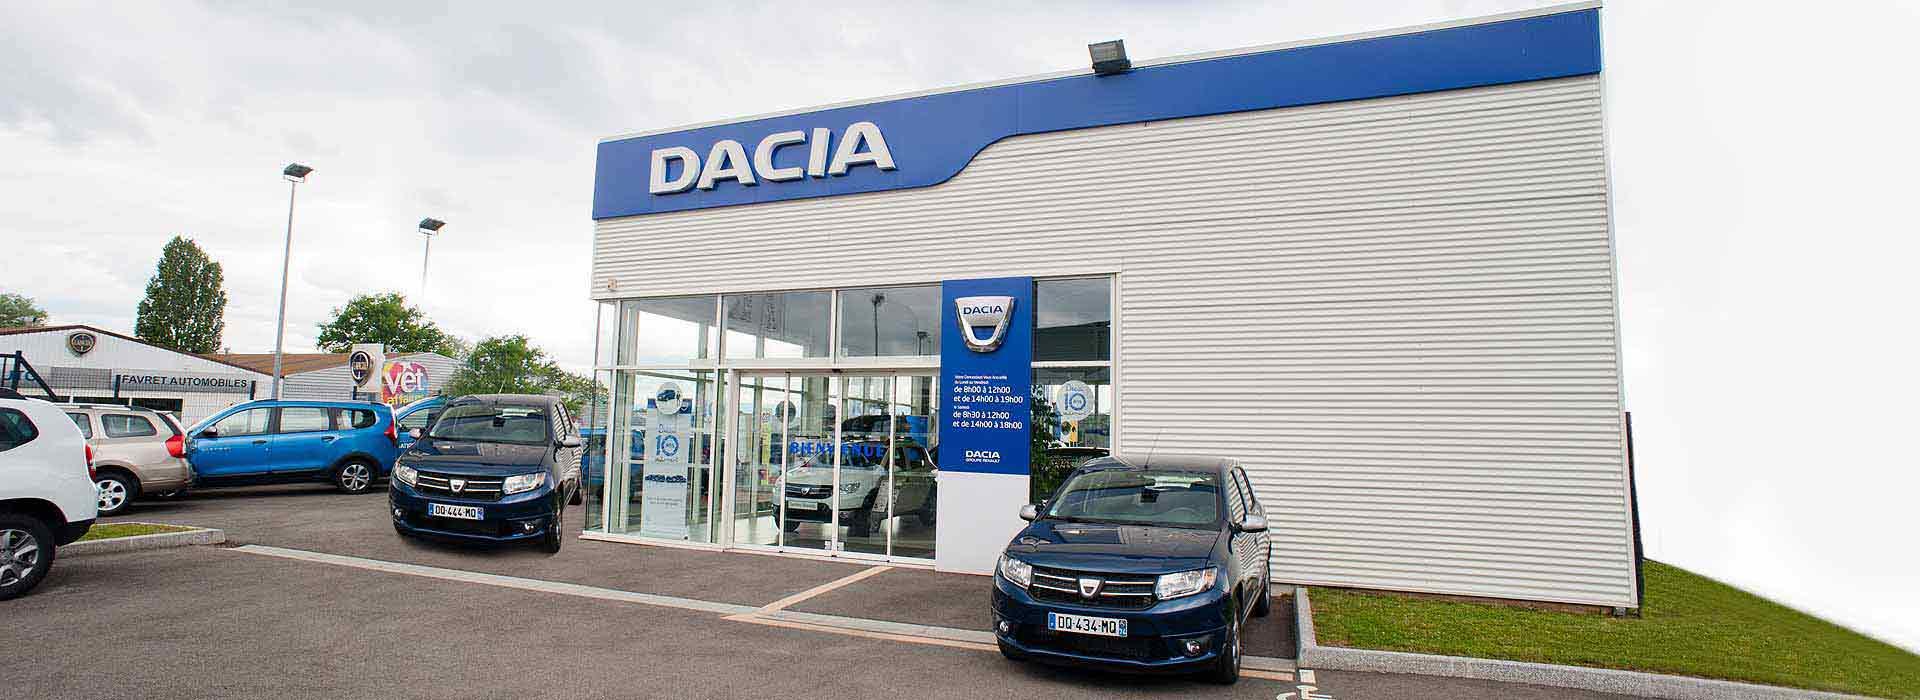 Dacia Thonon